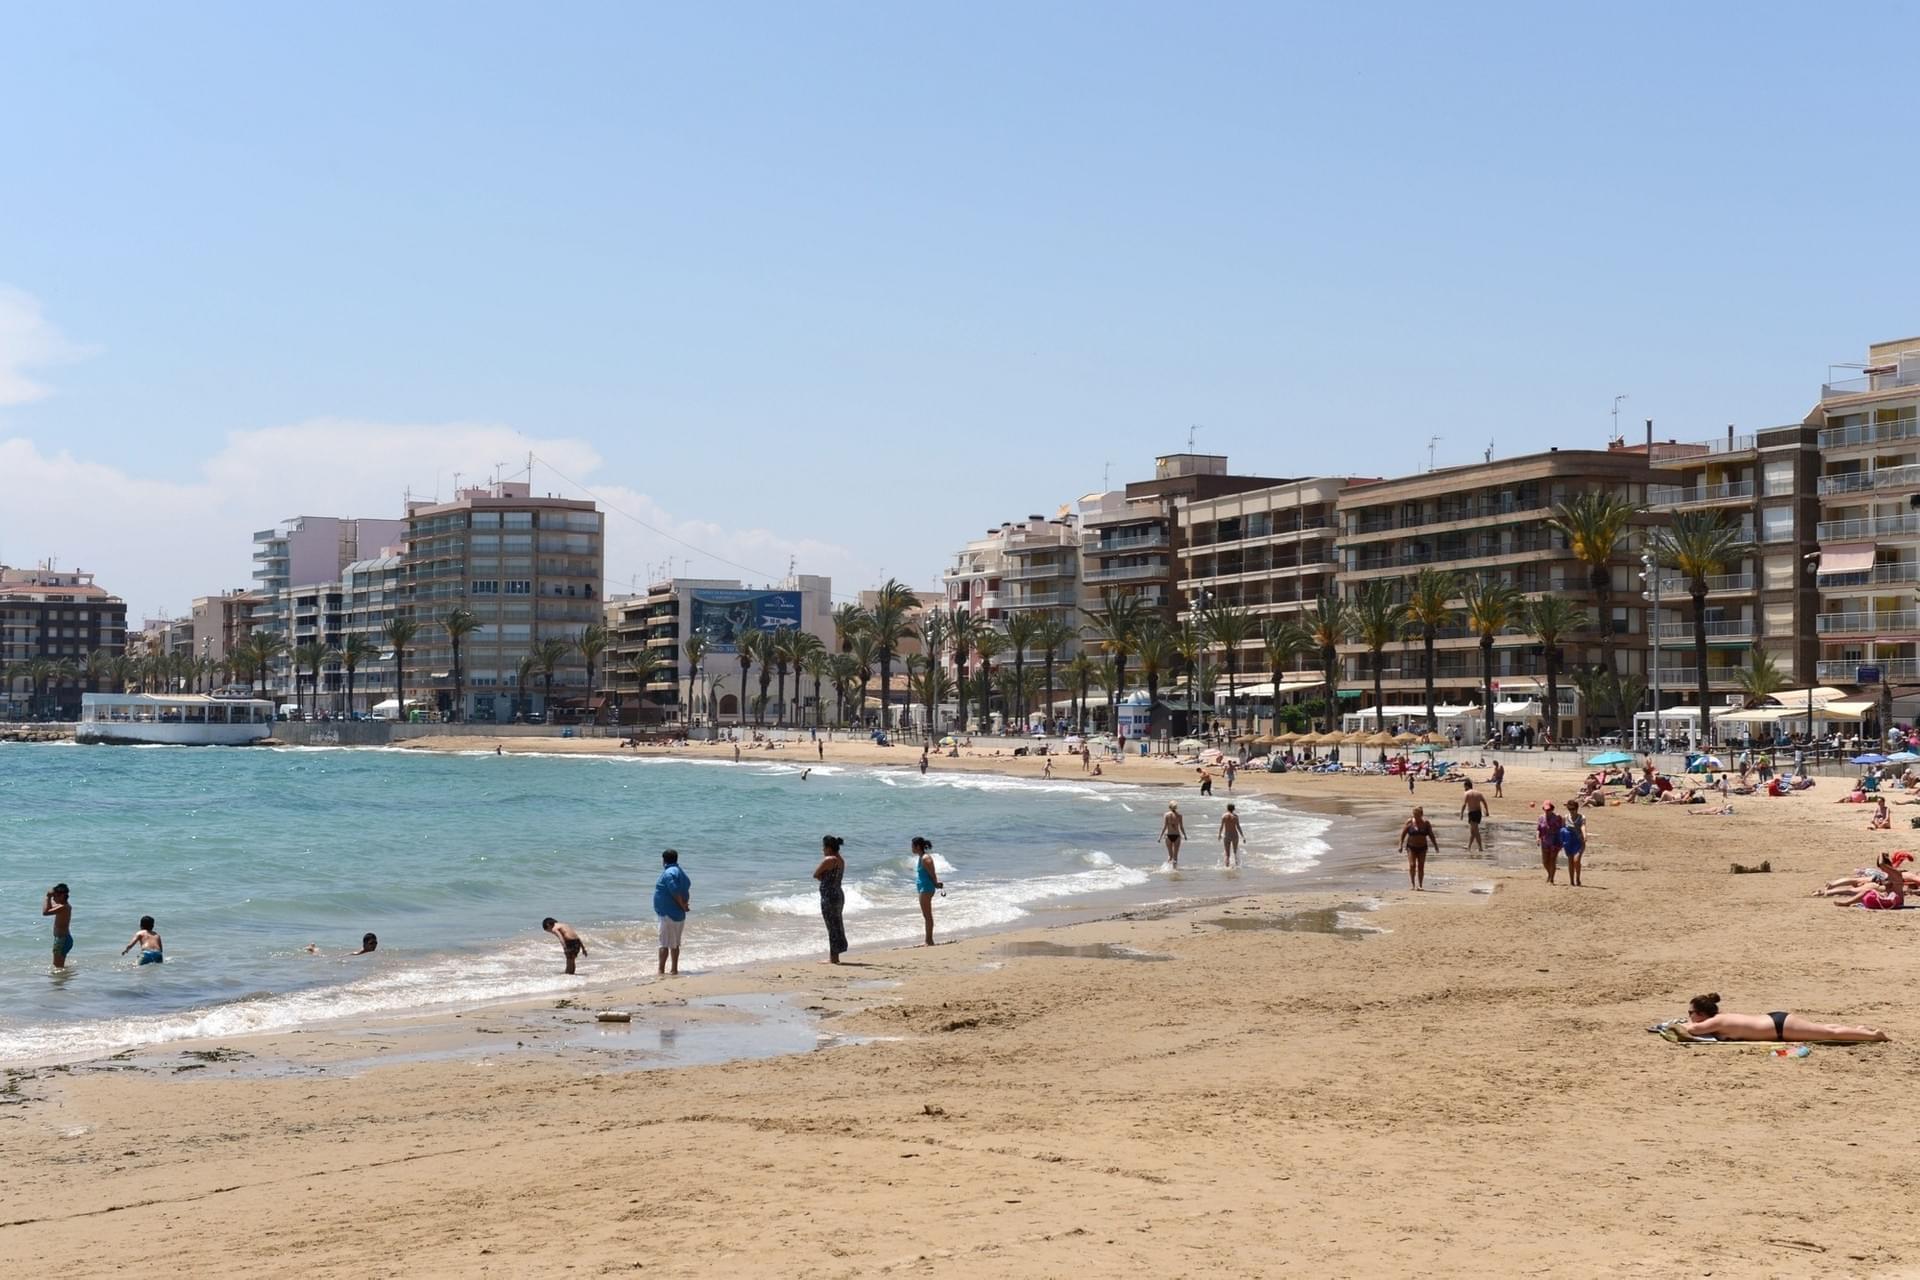 Karta Fran Alicante Till Torrevieja.Torrevieja Allt Du Behover Veta Om Denna Parla I Spanien